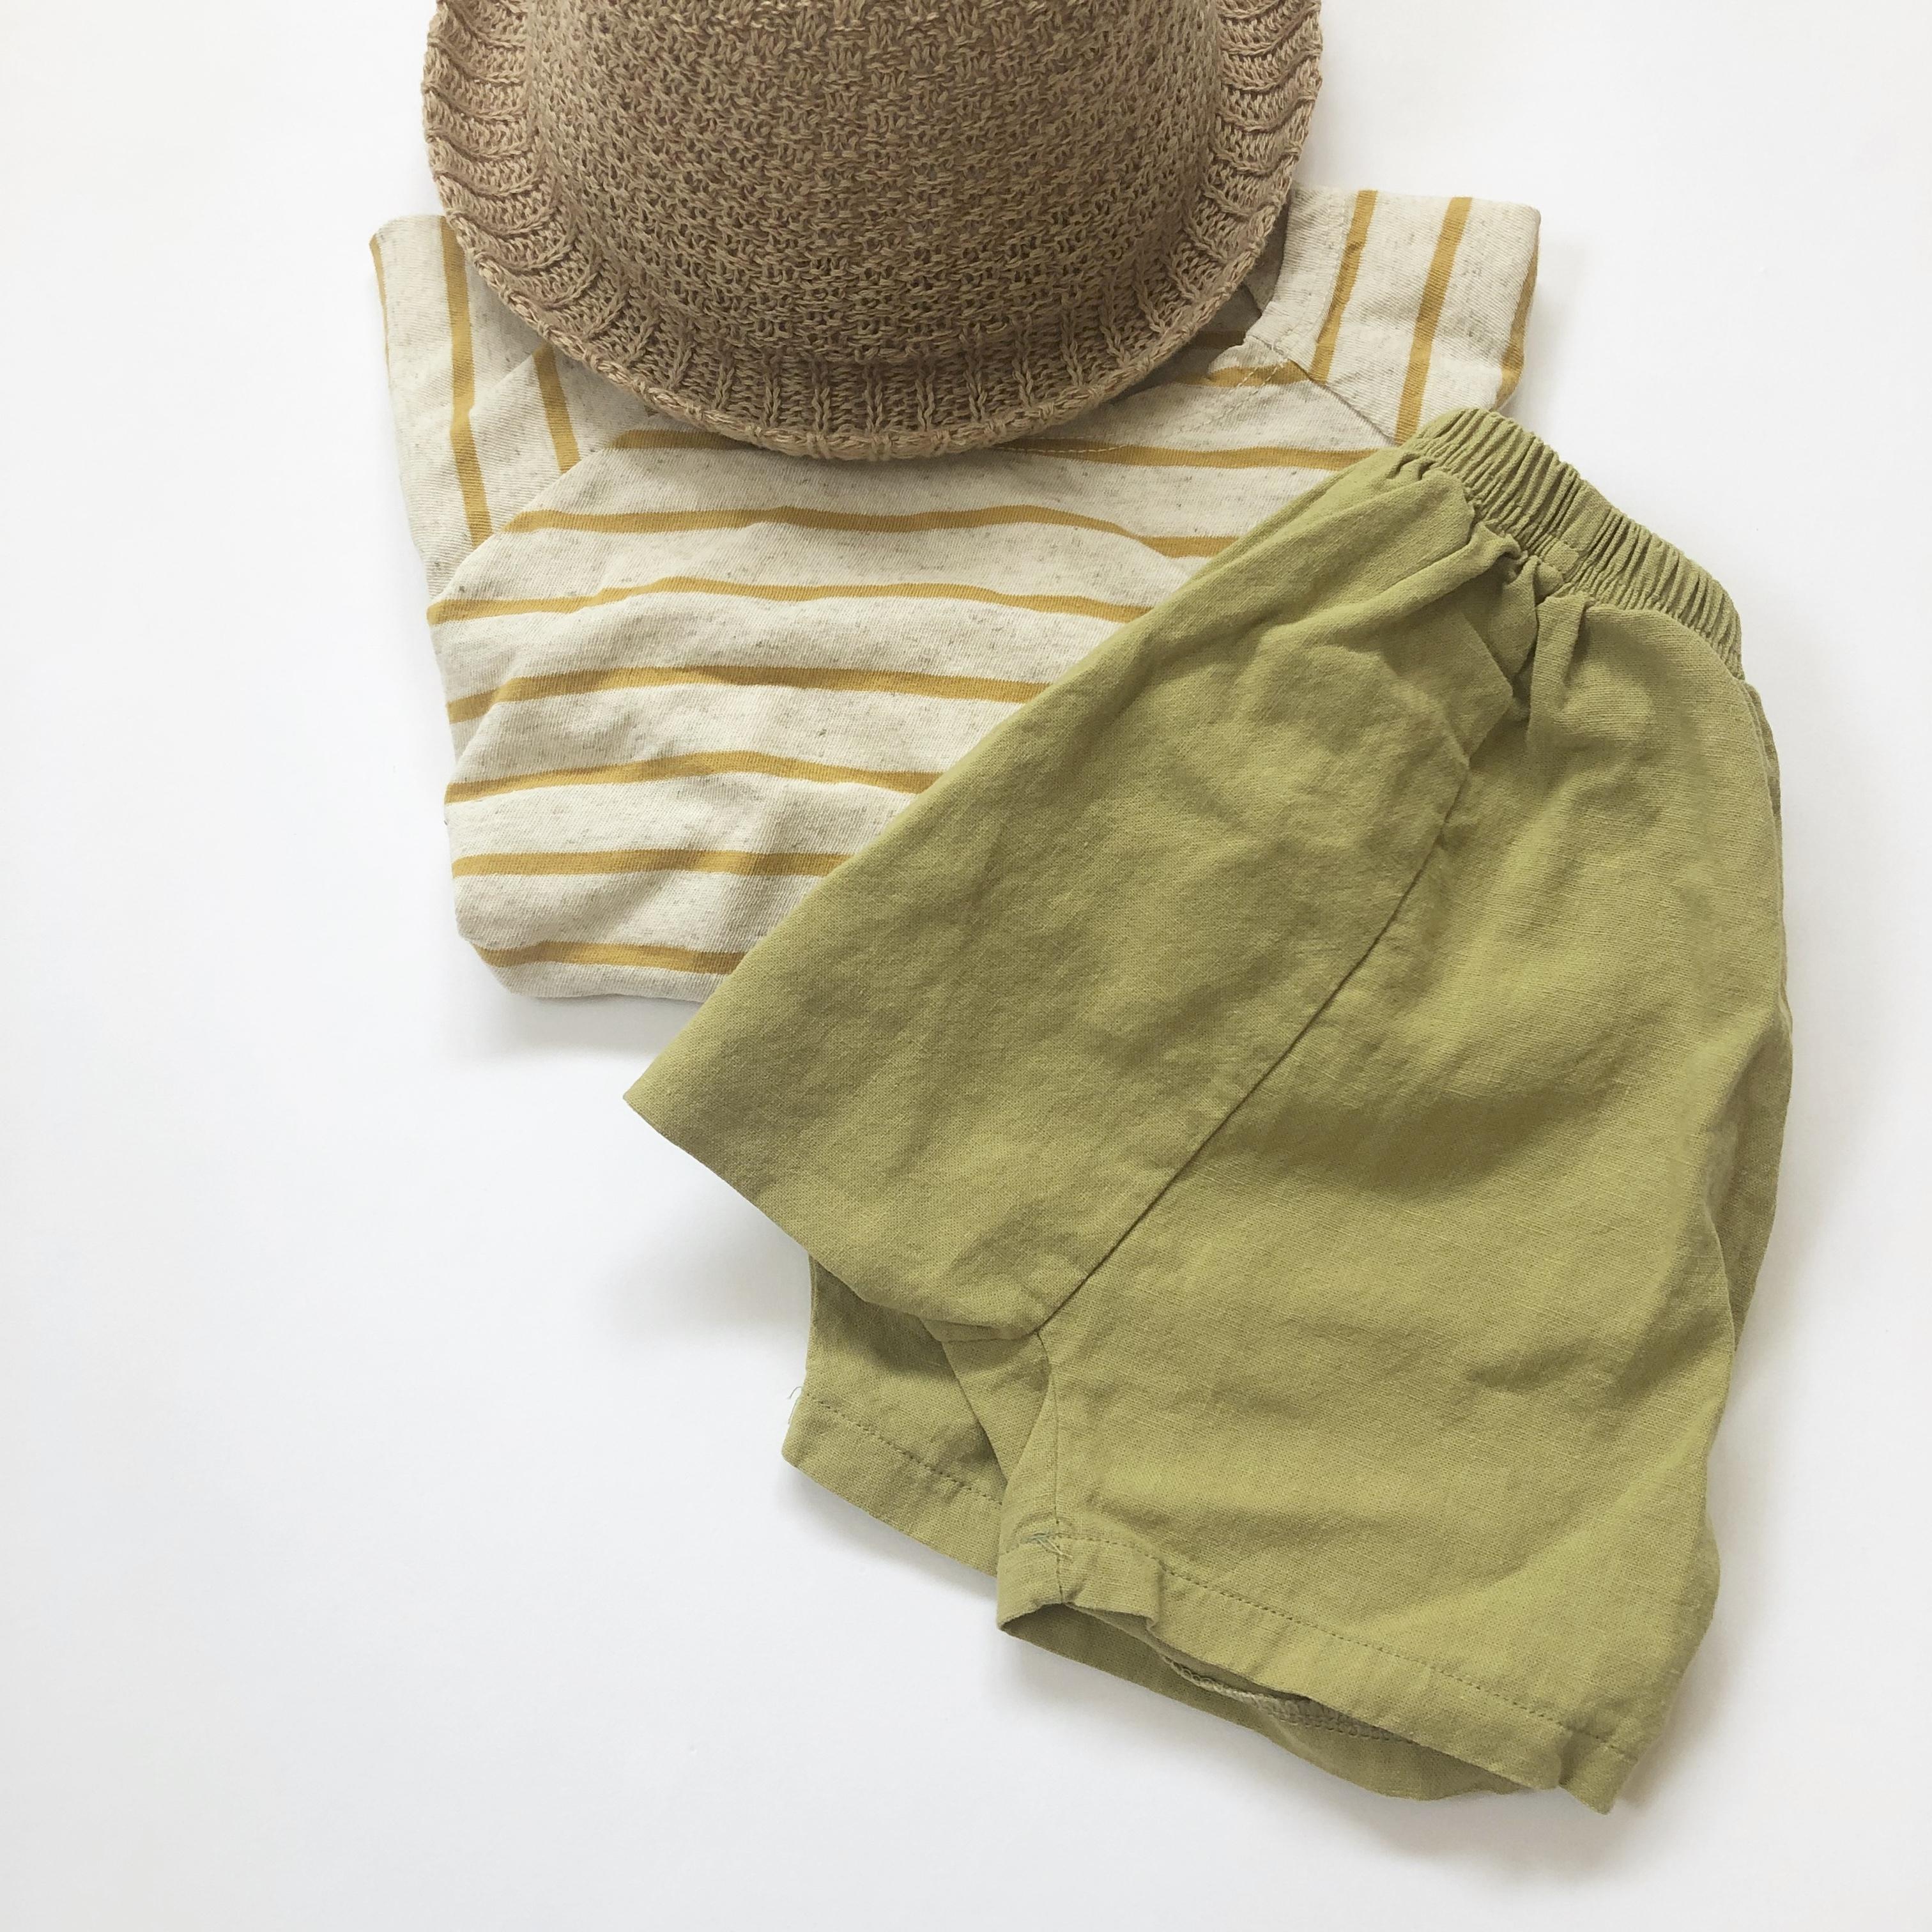 〈 214 〉Baby saruel pants